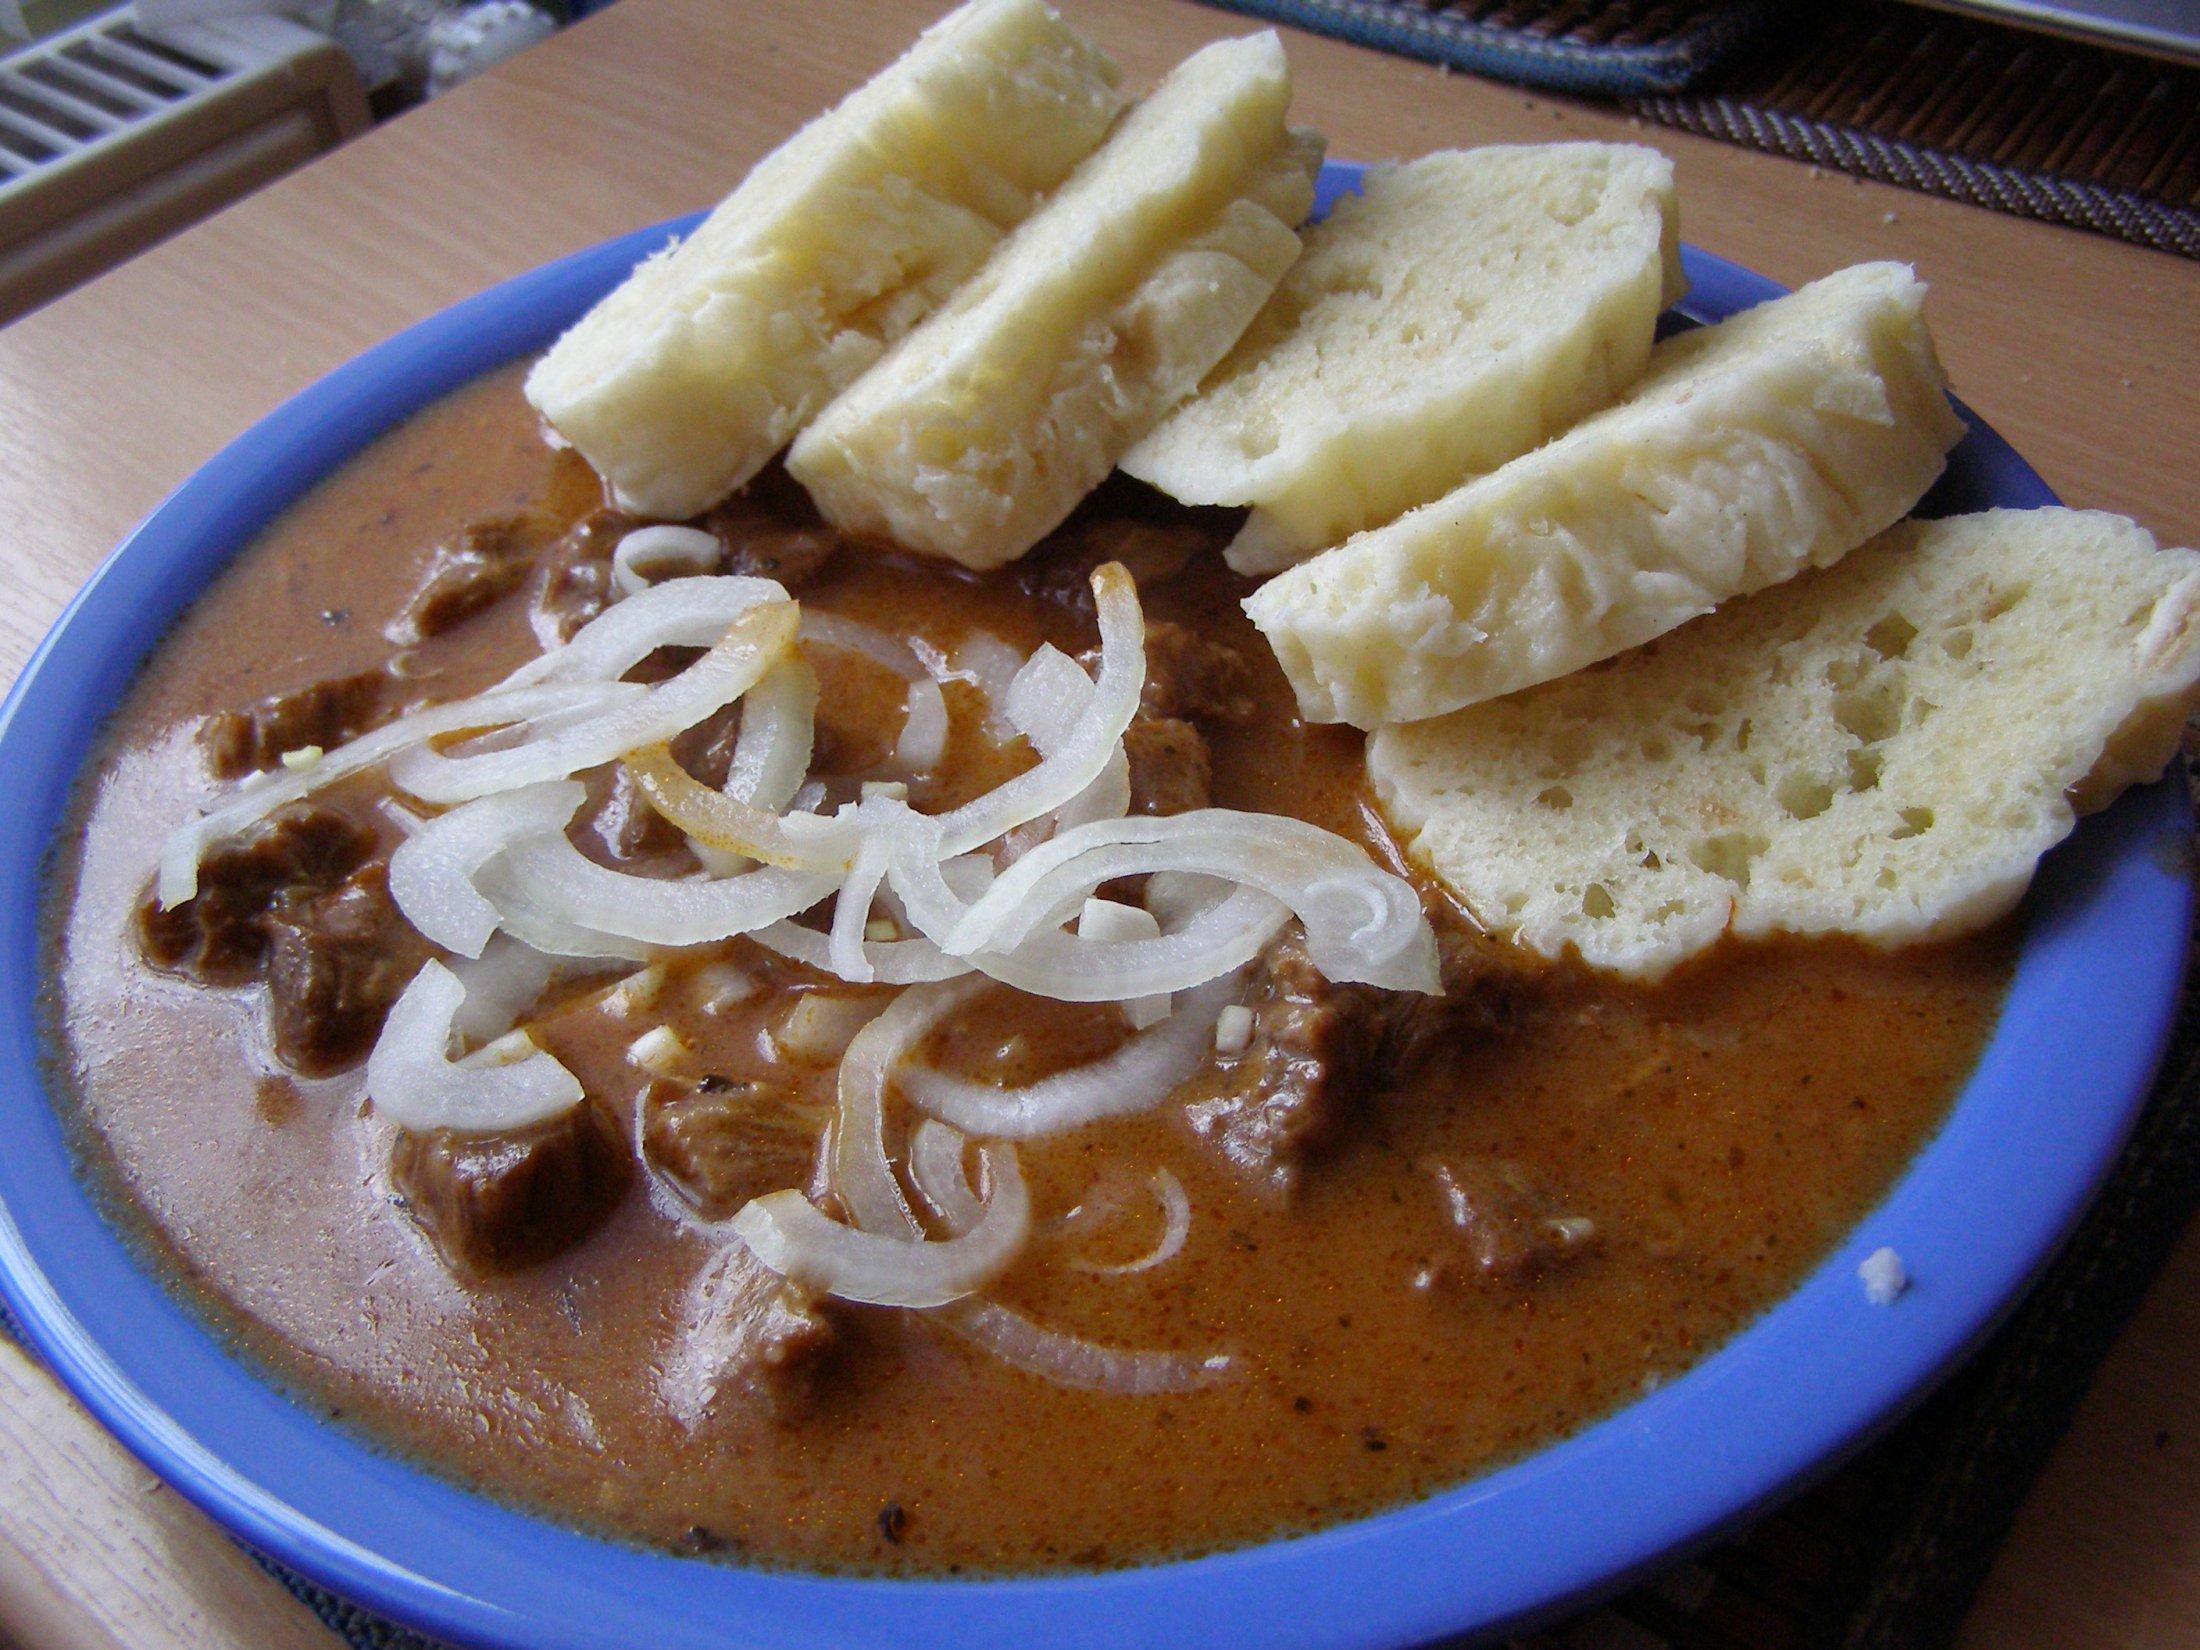 Recept Hovězí guláš - Hovězí guláš byl vynikající.